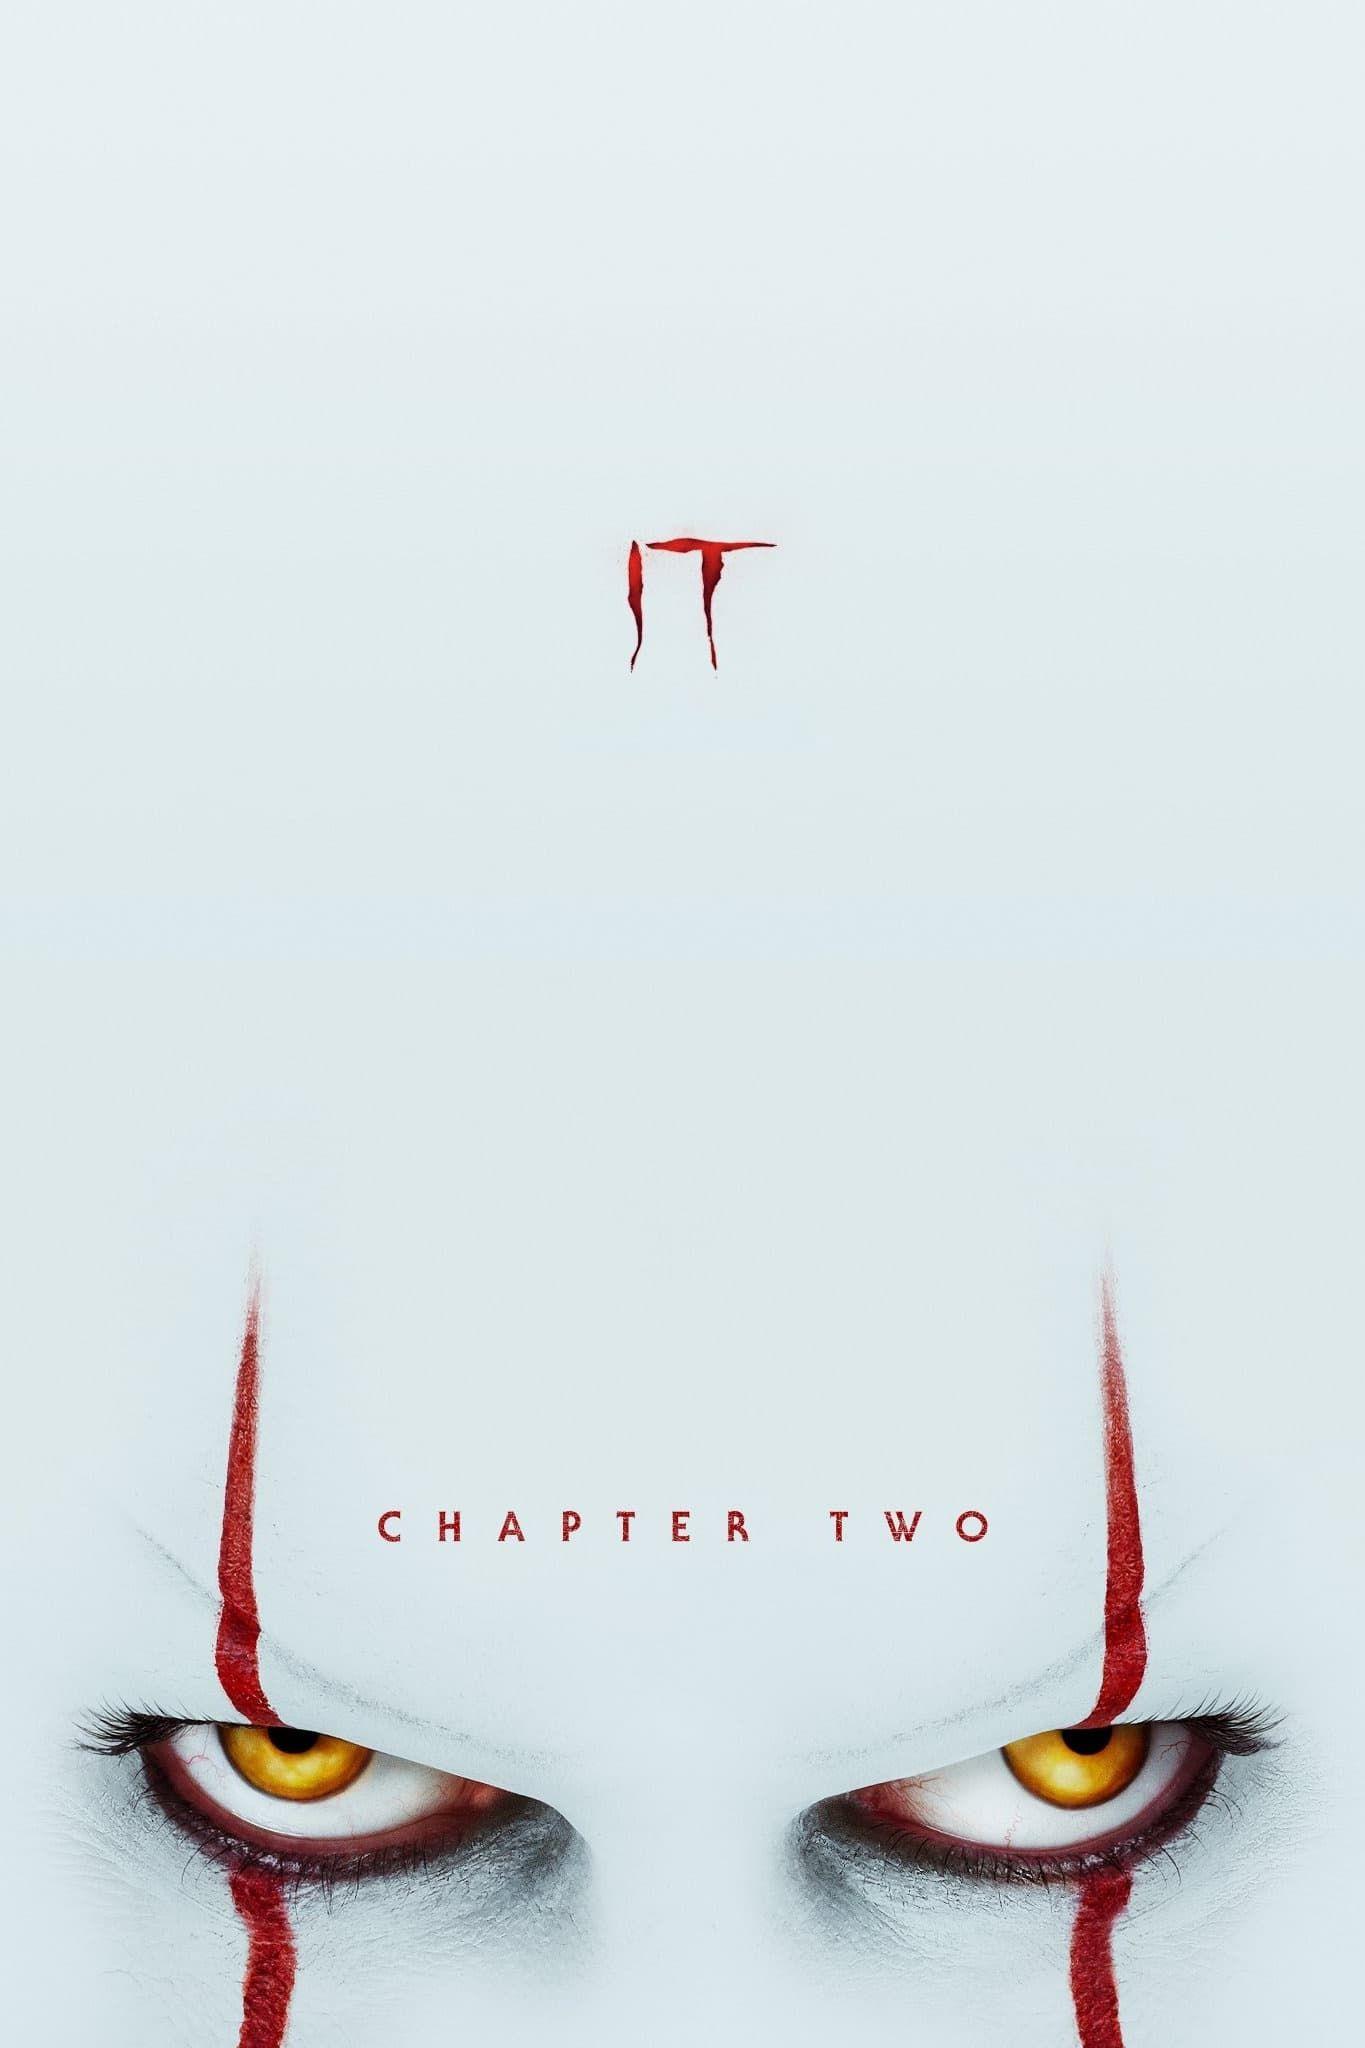 Hd Movies123 It Chapter Two µ C Full Movie Online 20 Peliculas De Terror Peliculas En Espanol Peliculas